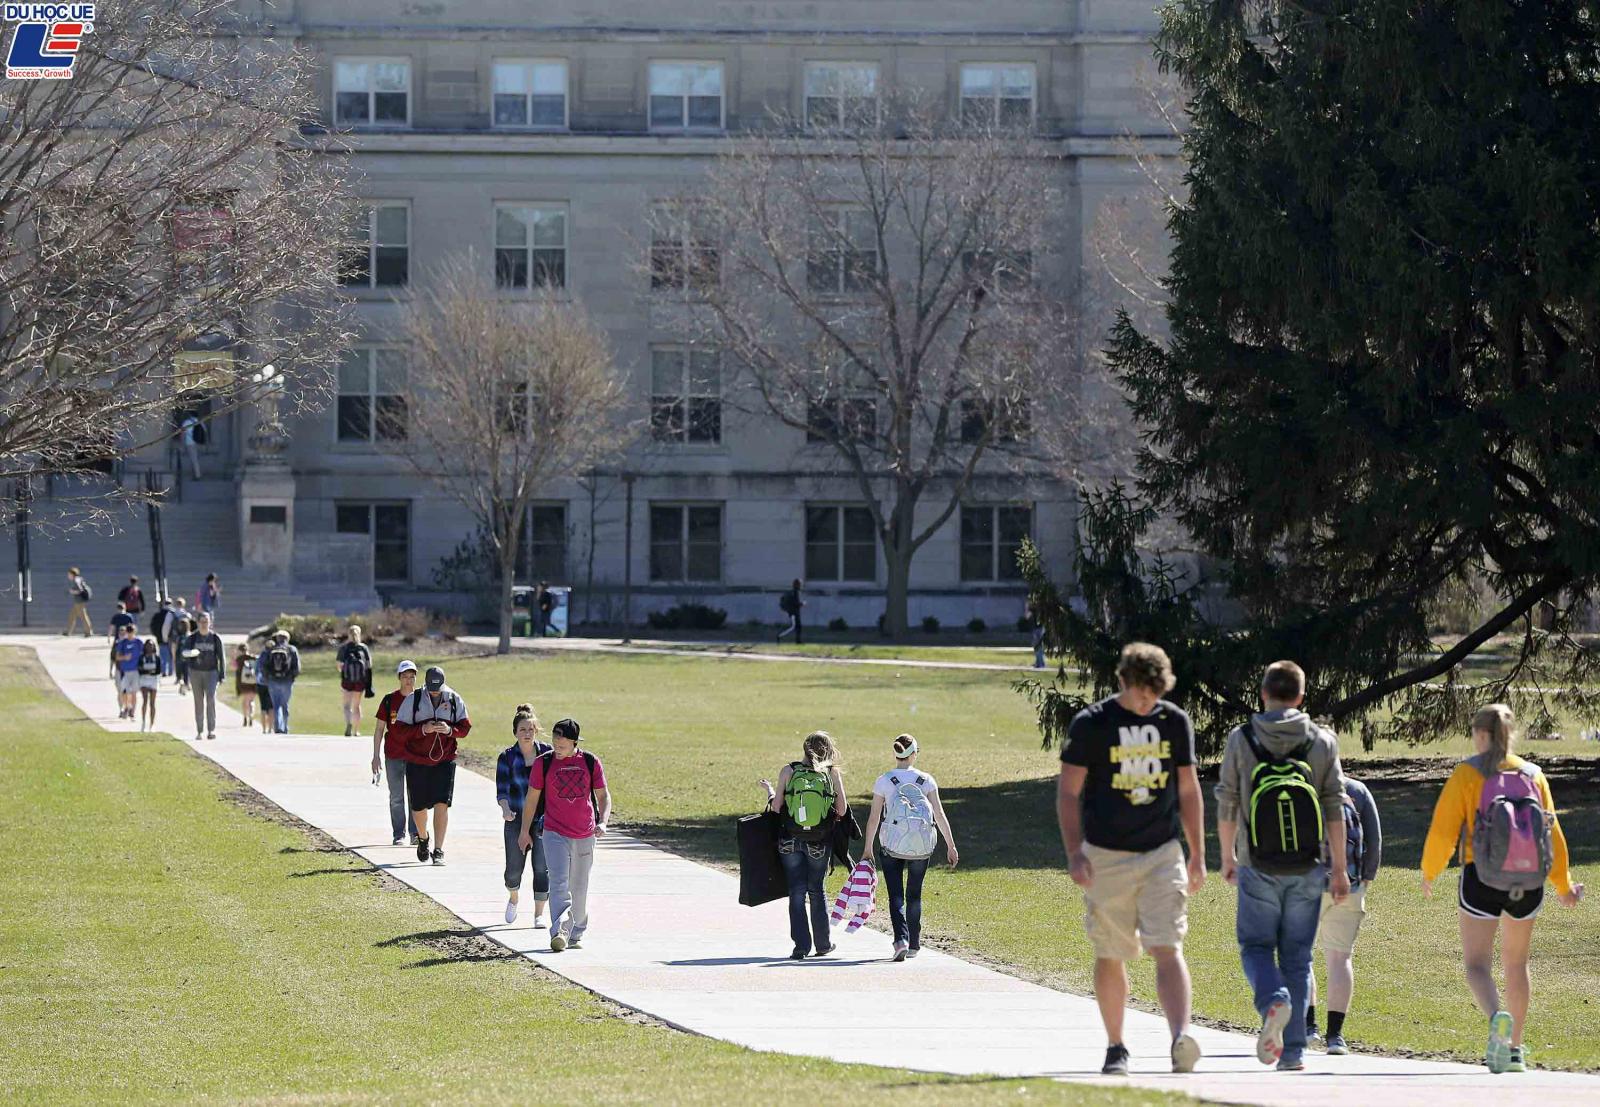 Học bổng $40.000 từ trường đại học nghiên cứu hàng đầu - Iowa State University 3